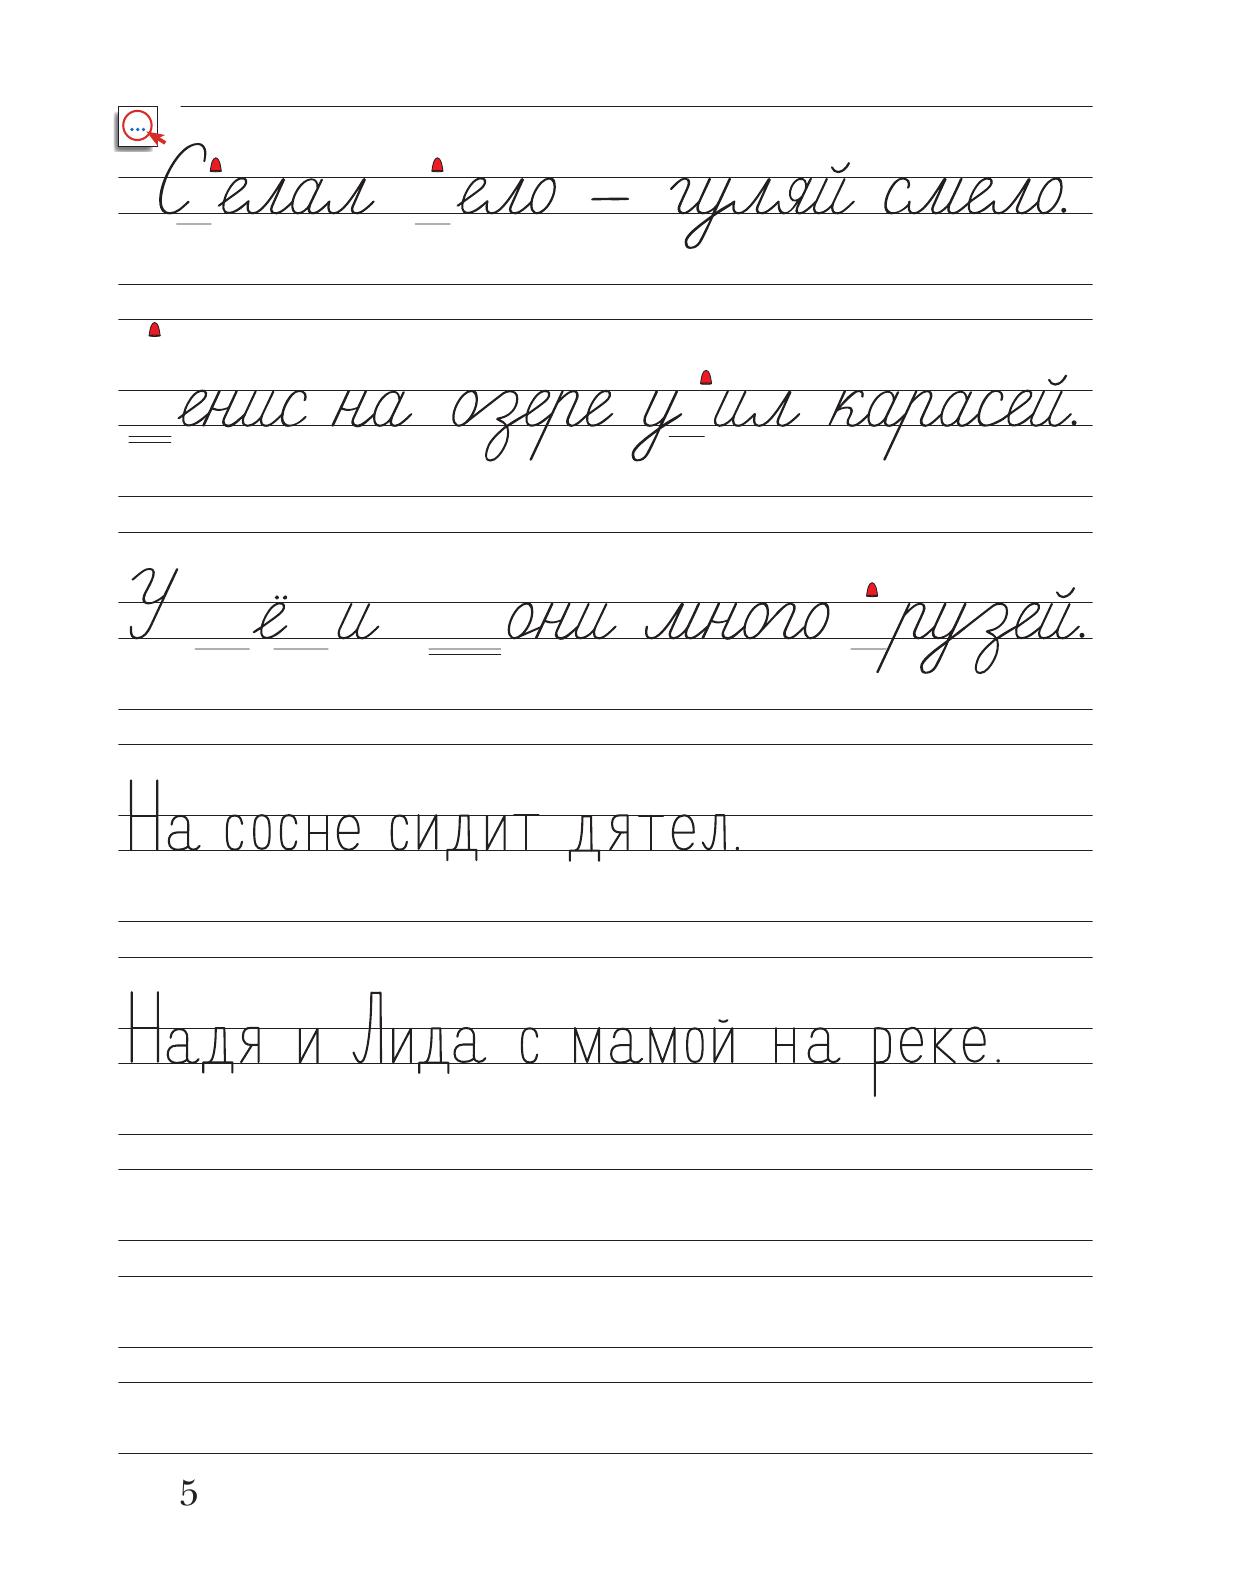 Учебник русского языка иванова евдокимовой кузнецовой урок 63 номер 4 страница 147 2 класс 2018 года